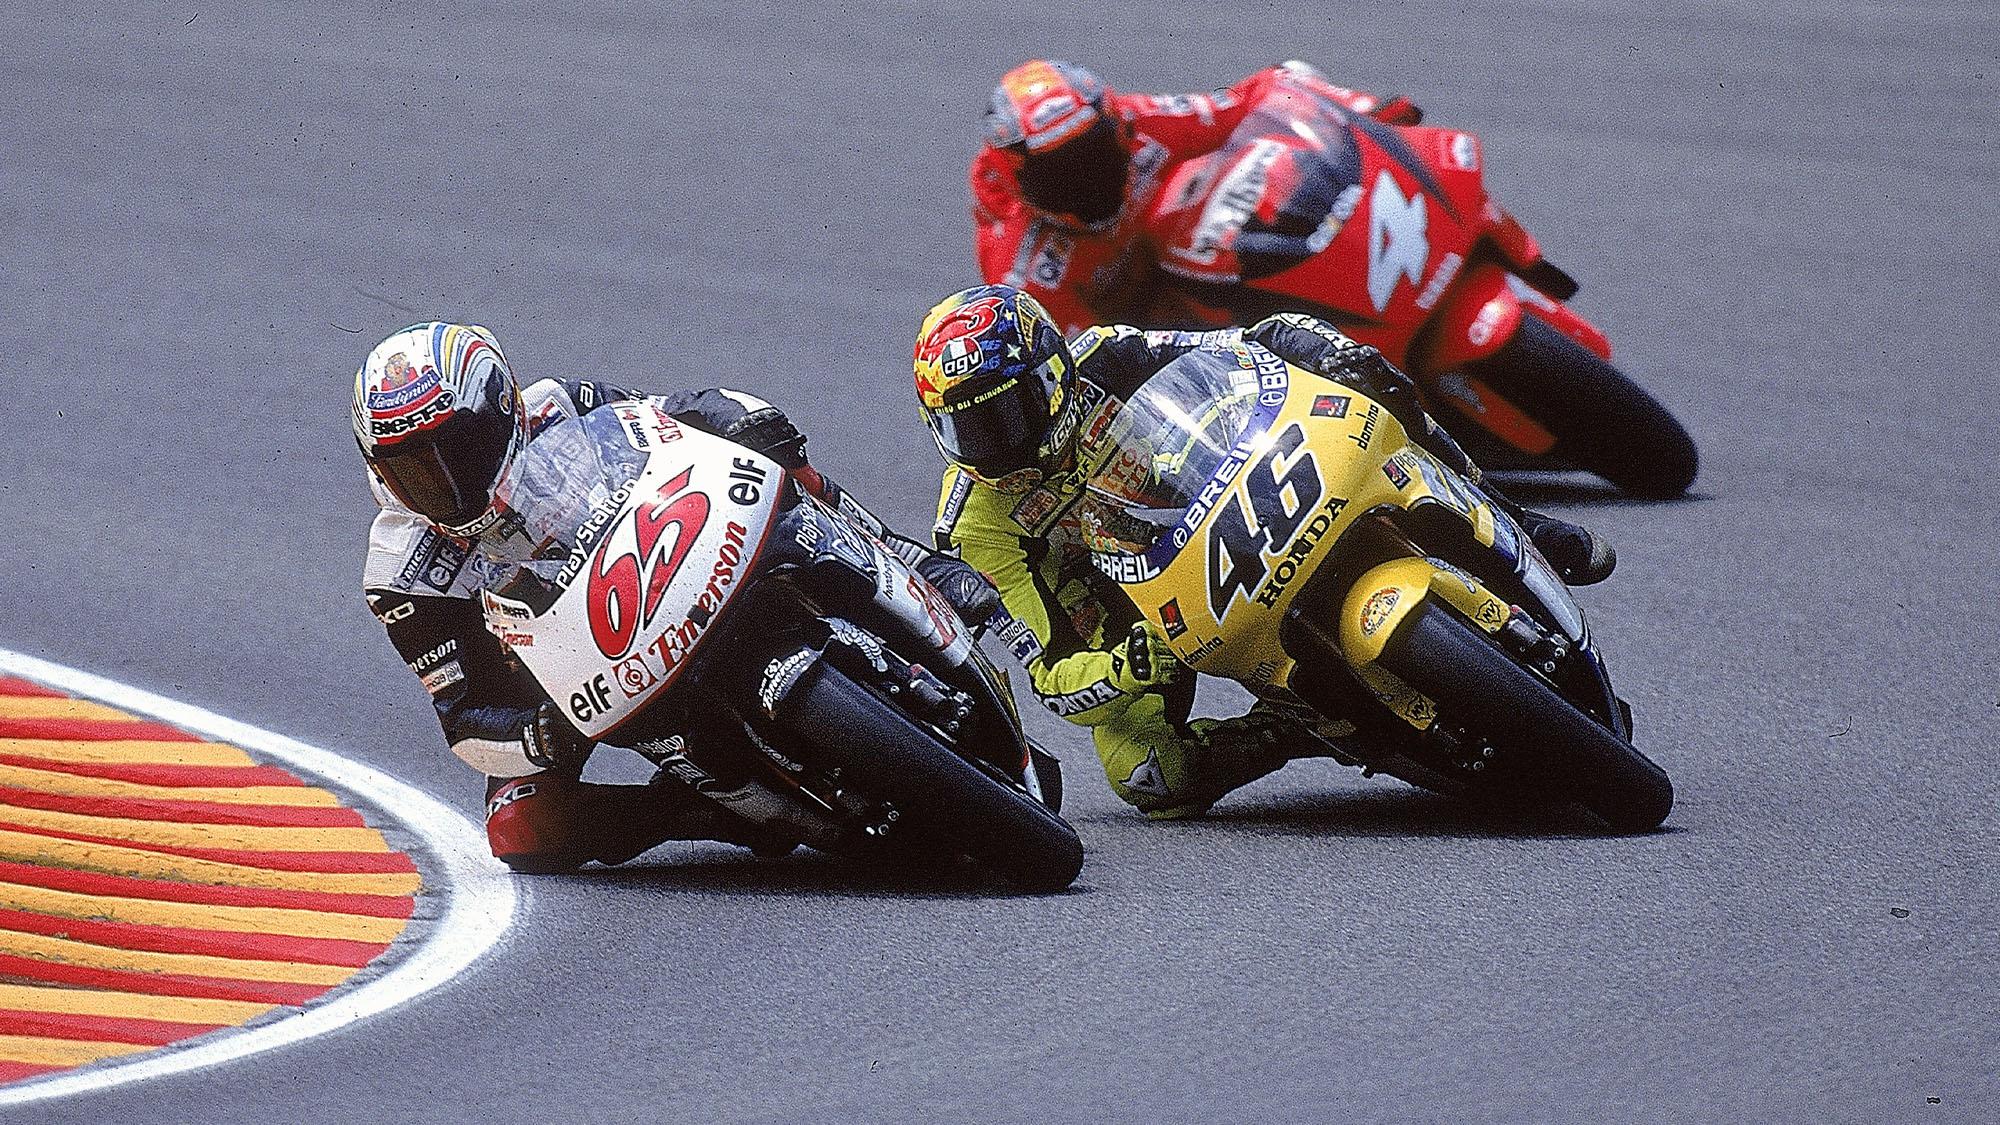 Valentino Rossi at Mugello with Capirossi and Biaggi in 2000